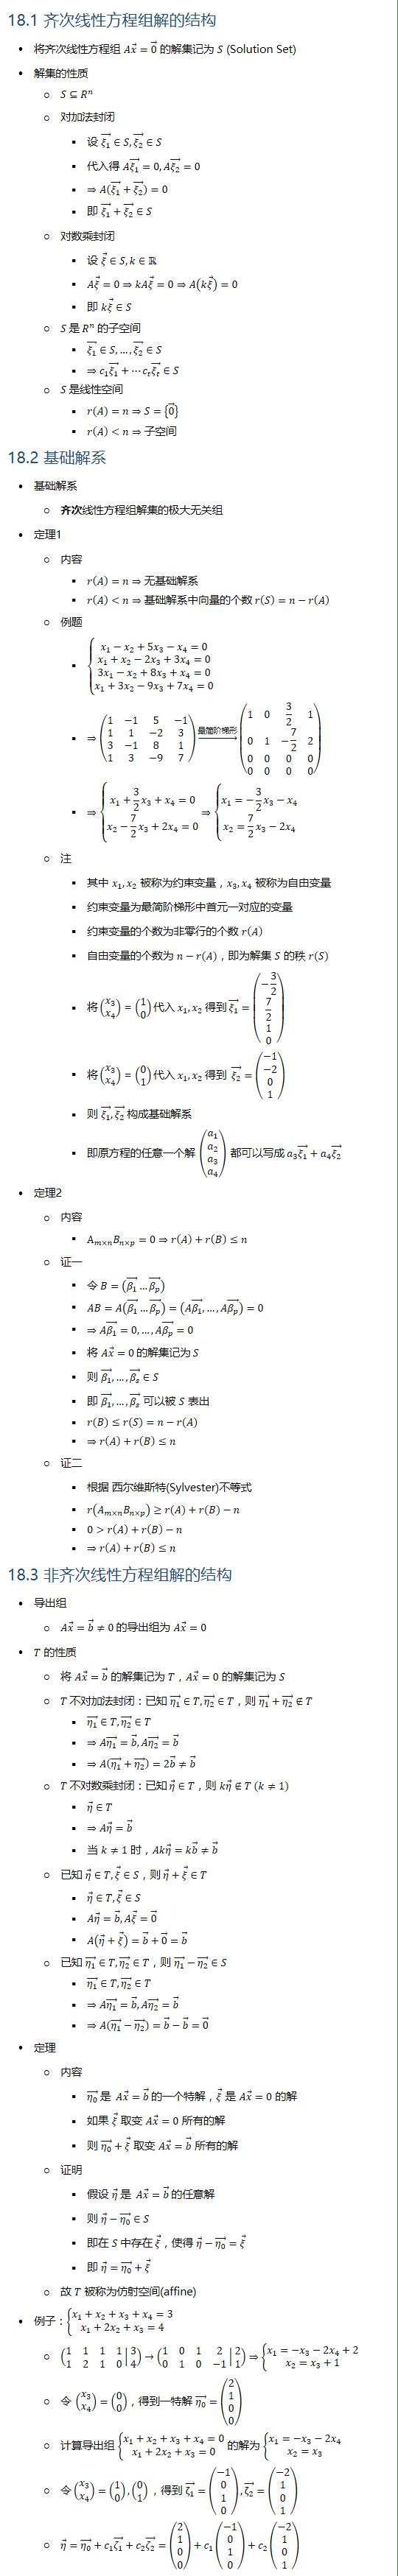 18.1 齐次线性方程组解的结构 • 将齐次线性方程组 Ax ⃗=0 ⃗ 的解集记为 S (Solution Set) • 解集的性质 ○ S⊆R^n ○ 对加法封闭 § 设 (ξ_1 ) ⃗∈S, (ξ_2 ) ⃗∈S § 代入得 A(ξ_1 ) ⃗=0, A(ξ_2 ) ⃗=0 § ⇒A((ξ_1 ) ⃗+(ξ_2 ) ⃗)=0 § 即 (ξ_1 ) ⃗+(ξ_2 ) ⃗∈S ○ 对数乘封闭 § 设 ξ ⃗∈S, k∈R § Aξ ⃗=0⇒kAξ ⃗=0⇒A(kξ ⃗ )=0 § 即 kξ ⃗∈S ○ S 是 R^n 的子空间 § (ξ_1 ) ⃗∈S,…, (ξ_2 ) ⃗∈S § ⇒c_1 (ξ_1 ) ⃗+…c_t (ξ_t ) ⃗∈S ○ S 是线性空间 § r(A)=n⇒S={0 ⃗ } § r(A)<n⇒子空间 18.2 基础解系 • 基础解系 ○ 齐次线性方程组解集的极大无关组 • 定理1 ○ 内容 § r(A)=n⇒无基础解系 § r(A)<n⇒基础解系中向量的个数 r(S)=n−r(A) ○ 例题 § {█(x_1−x_2+5x_3−x_4=0@x_1+x_2−2x_3+3x_4=0@3x_1−x_2+8x_3+x_4=0@x_1+3x_2−9x_3+7x_4=0)┤ § ⇒(■8(1&−1&5&−1@1&1&−2&3@3&−1&8&1@1&3&−9&7)) →┴最简阶梯形 (■8(1&0&3/2&1@0&1&−7/2&2@0&0&0&0@0&0&0&0)) § ⇒{█(x_1+3/2 x_3+x_4=0@x_2−7/2 x_3+2x_4=0)⇒{█(x_1=−3/2 x_3−x_4@x_2=7/2 x_3−2x_4 )┤┤ ○ 注 § 其中 x_1, x_2 被称为约束变量,x_3, x_4 被称为自由变量 § 约束变量为最简阶梯形中首元一对应的变量 § 约束变量的个数为非零行的个数 r(A) § 自由变量的个数为 n−r(A),即为解集 S 的秩 r(S) § 将(■8(x_3@x_4 ))=(■8(1@0))代入 x_1,x_2 得到 (ξ_1 ) ⃗=(■8(−3/2@7/2@1@0)) § 将(■8(x_3@x_4 ))=(■8(0@1))代入 x_1,x_2 得到 (ξ_2 ) ⃗=(■8(−1@−2@0@1)) § 则 (ξ_1 ) ⃗, (ξ_2 ) ⃗ 构成基础解系 § 即原方程的任意一个解 (■8(a_1@a_2@a_3@a_4 )) 都可以写成 a_3 (ξ_1 ) ⃗+a_4 (ξ_2 ) ⃗ • 定理2 ○ 内容 § A_(m×n) B_(n×p)=0⇒r(A)+r(B)≤n ○ 证一 § 令 B=((β_1 ) ⃗…(β_p ) ⃗ ) § AB=A((β_1 ) ⃗…(β_p ) ⃗ )=(A(β_1 ) ⃗, …,A(β_p ) ⃗ )=0 § ⇒A(β_1 ) ⃗=0,…,A(β_p ) ⃗=0 § 将 Ax ⃗=0 的解集记为 S § 则 (β_1 ) ⃗,…,(β_s ) ⃗∈S § 即 (β_1 ) ⃗,…,(β_s ) ⃗ 可以被 S 表出 § r(B)≤r(S)=n−r(A) § ⇒r(A)+r(B)≤n ○ 证二 § 根据 西尔维斯特(Sylvester)不等式 § r(A_(m×n) B_(n×p) )≥r(A)+r(B)−n § 0 r(A)+r(B)−n § ⇒r(A)+r(B)≤n 18.3 非齐次线性方程组解的结构 • 导出组 ○ Ax ⃗=b ⃗≠0 的导出组为 Ax ⃗=0 • T 的性质 ○ 将 Ax ⃗=b ⃗ 的解集记为 T,Ax ⃗=0 的解集记为 S ○ T 不对加法封闭:已知 (η_1 ) ⃗∈T, (η_2 ) ⃗∈T,则 (η_1 ) ⃗+(η_2 ) ⃗∉T § (η_1 ) ⃗∈T, (η_2 ) ⃗∈T § ⇒A(η_1 ) ⃗=b ⃗, A(η_2 ) ⃗=b ⃗ § ⇒A((η_1 ) ⃗+(η_2 ) ⃗ )=2b ⃗≠b ⃗ ○ T 不对数乘封闭:已知 η ⃗∈T,则 kη ⃗∉T (k≠1) § η ⃗∈T § ⇒Aη ⃗=b ⃗ § 当 k≠1 时,Akη ⃗=kb ⃗≠b ⃗ ○ 已知 η ⃗∈T, ξ ⃗∈S,则 η ⃗+ξ ⃗∈T § η ⃗∈T, ξ ⃗∈S § Aη ⃗=b ⃗, Aξ ⃗=0 ⃗ § A(η ⃗+ξ ⃗ )=b ⃗+0 ⃗=b ⃗ ○ 已知 (η_1 ) ⃗∈T, (η_2 ) ⃗∈T,则 (η_1 ) ⃗−(η_2 ) ⃗∈S § (η_1 ) ⃗∈T, (η_2 ) ⃗∈T § ⇒A(η_1 ) ⃗=b ⃗, A(η_2 ) ⃗=b ⃗ § ⇒A((η_1 ) ⃗−(η_2 ) ⃗